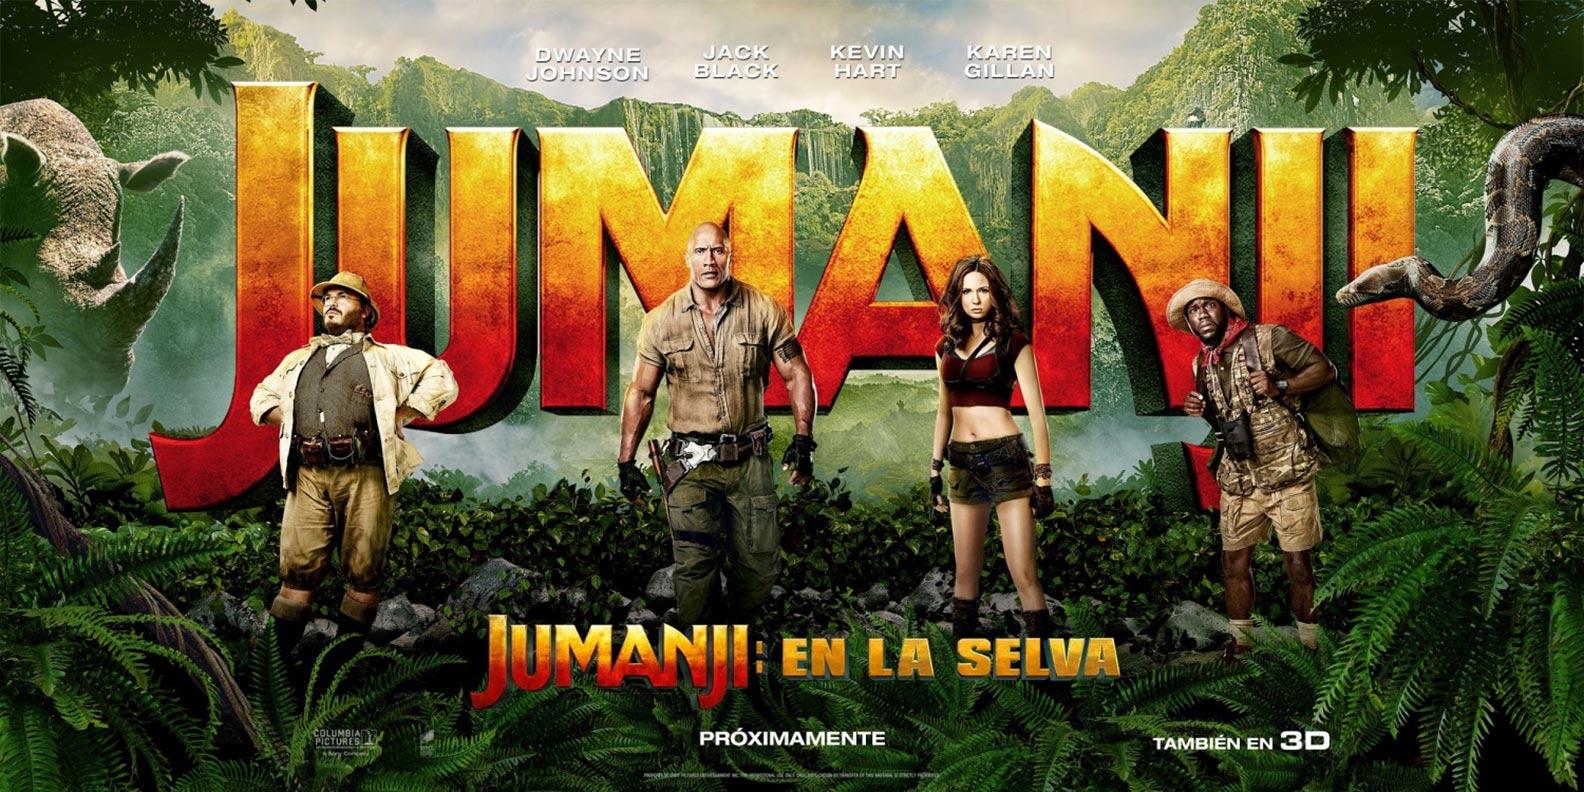 jumanji 2017 full movie download in hindi filmywap